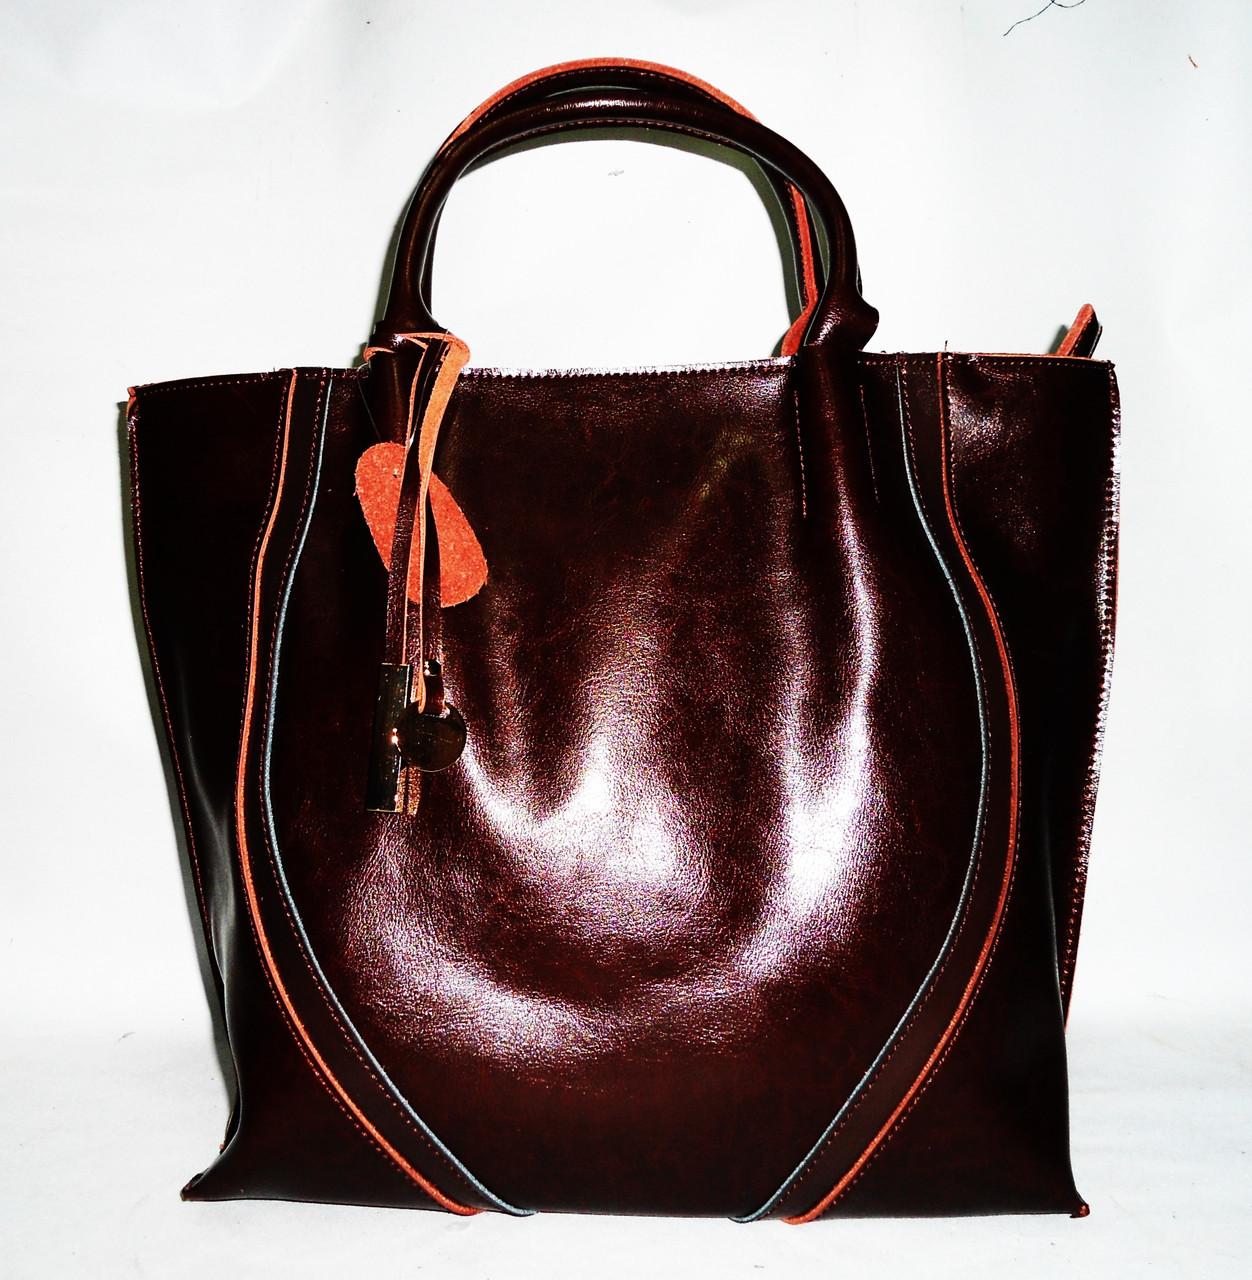 722bcfe15103 Удобная женская классическая кожаная сумка коричневого цвета GFY-526790 -  Интернет- магазин